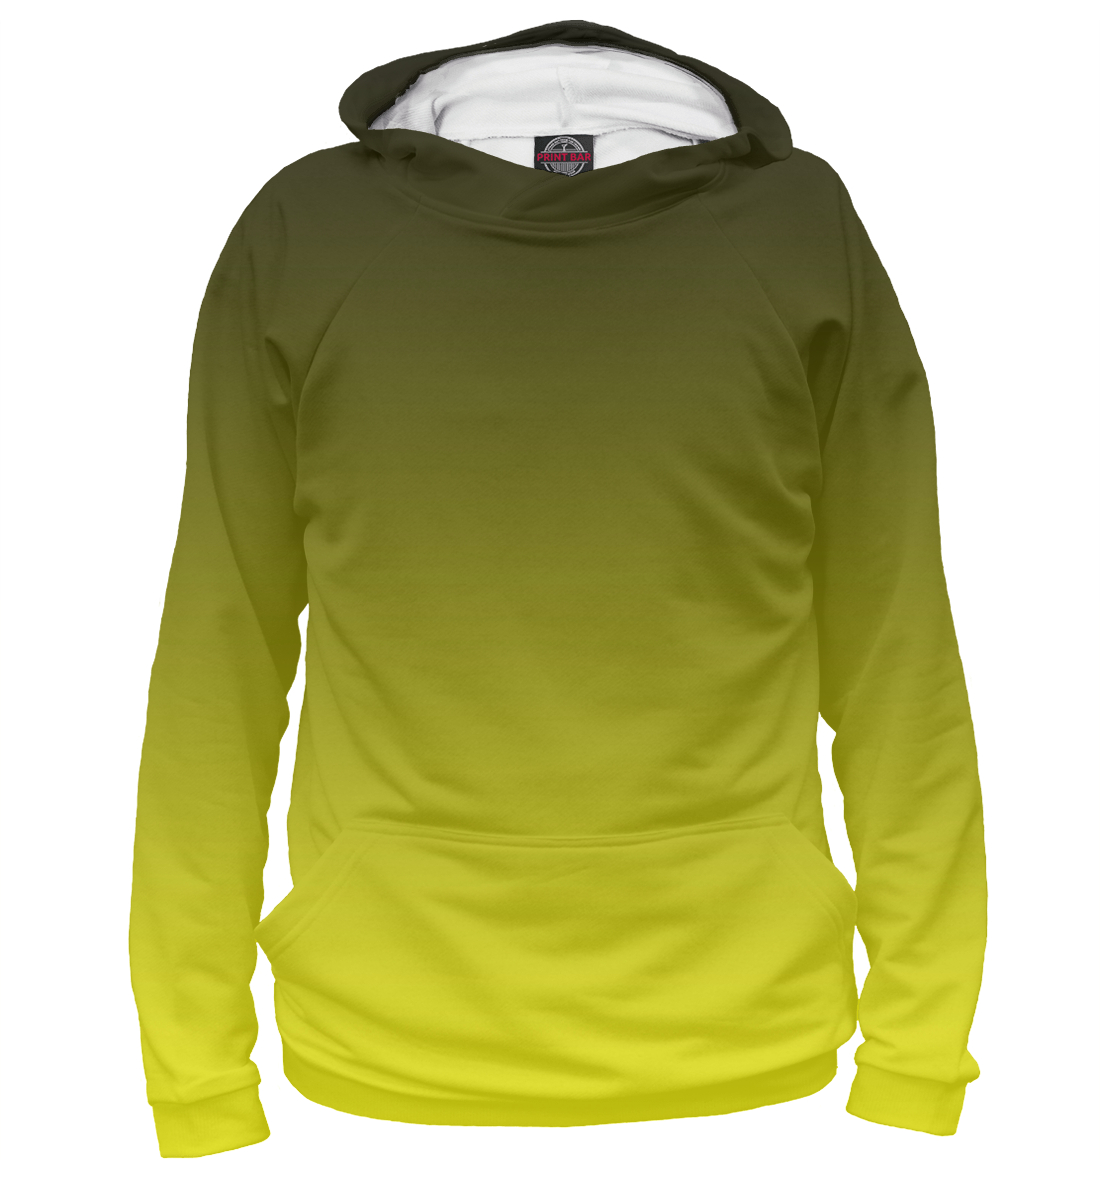 Купить Градиент Желтый в Черный, Printbar, Худи, CLR-807785-hud-2